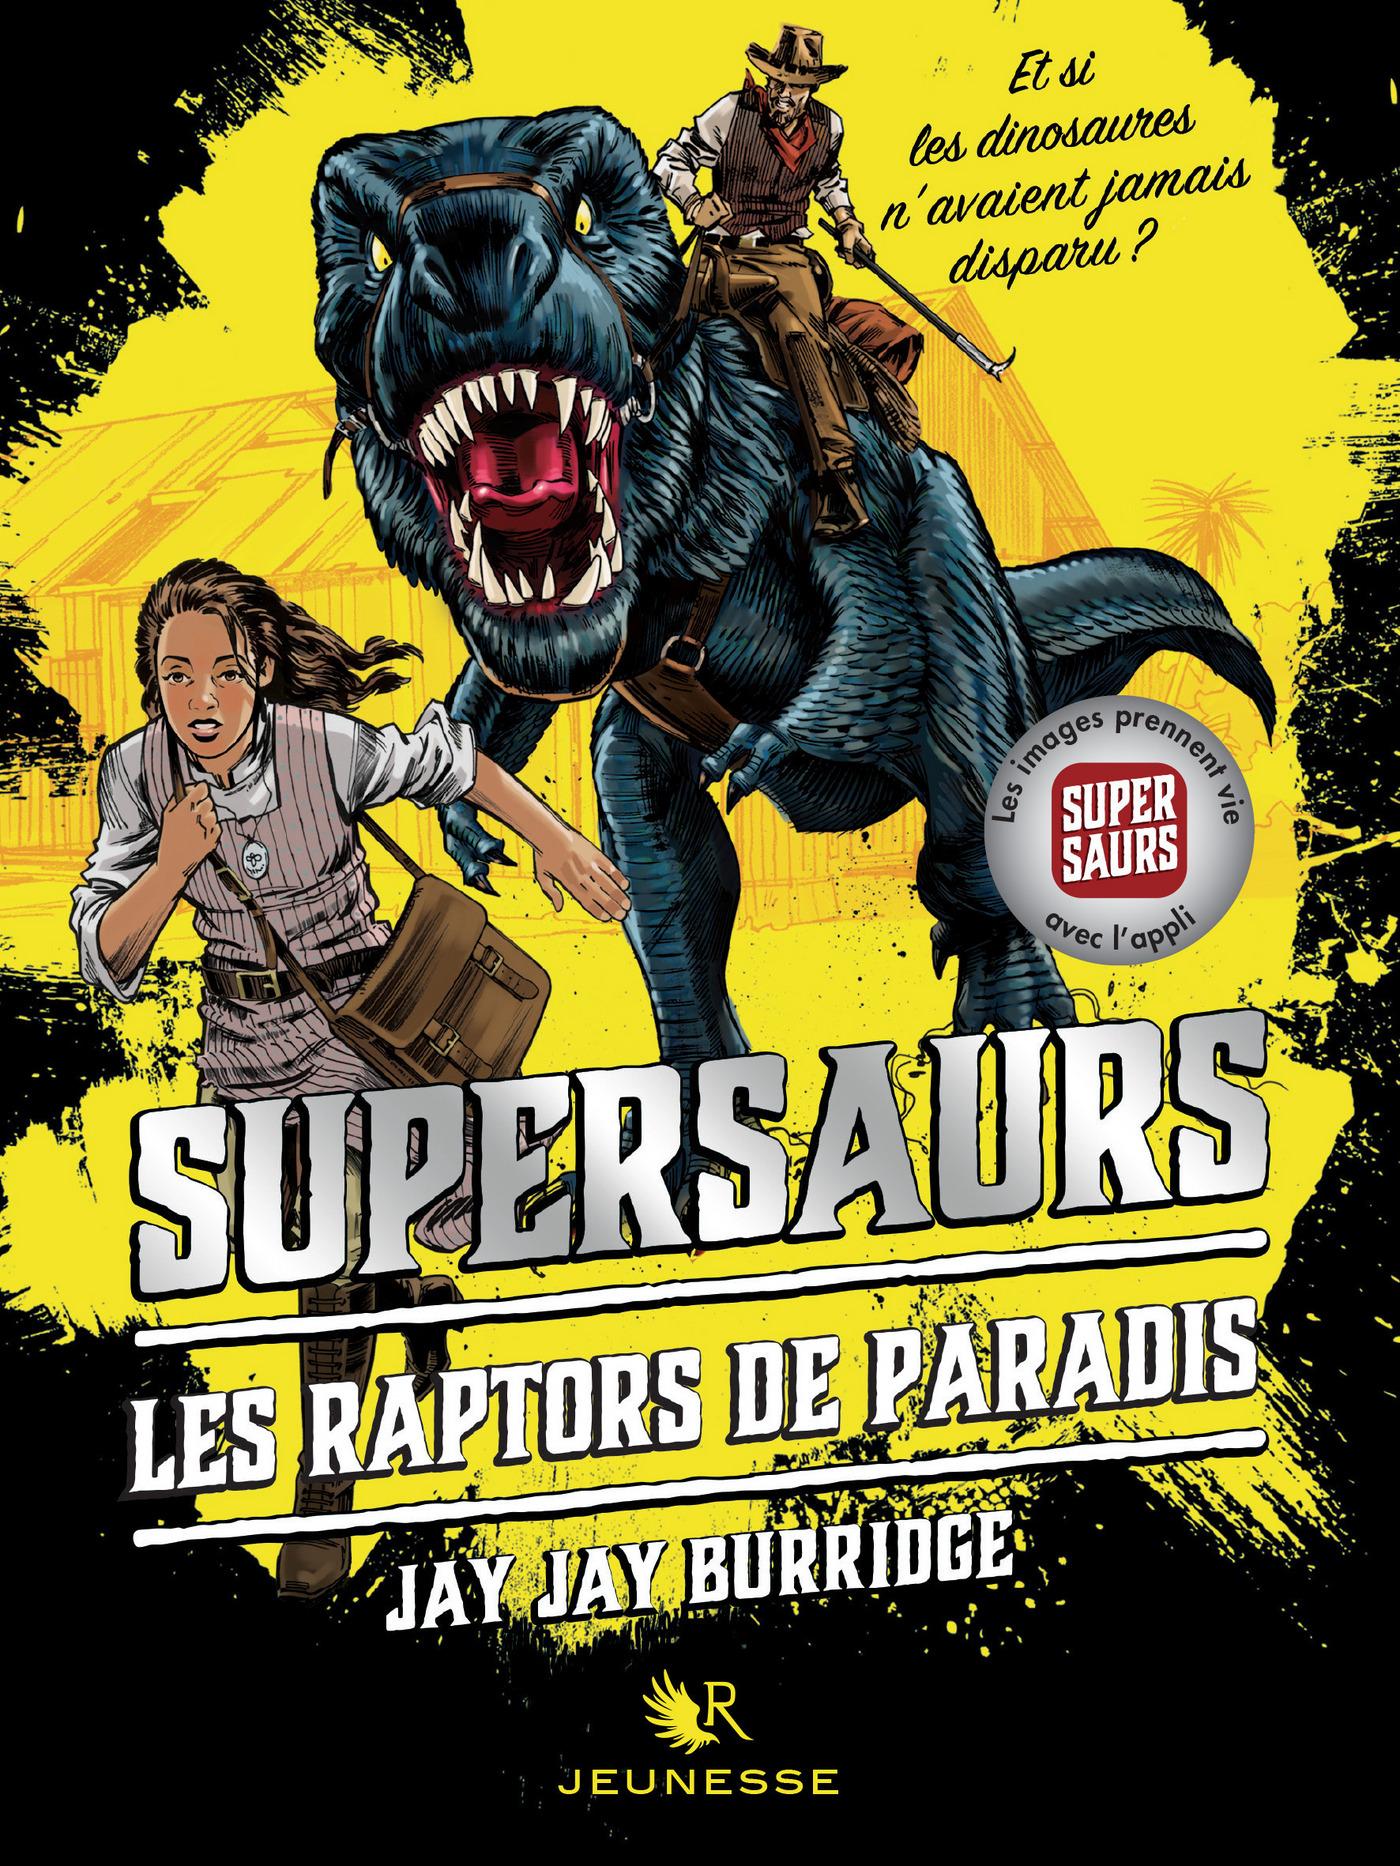 Supersaurs - Édition française